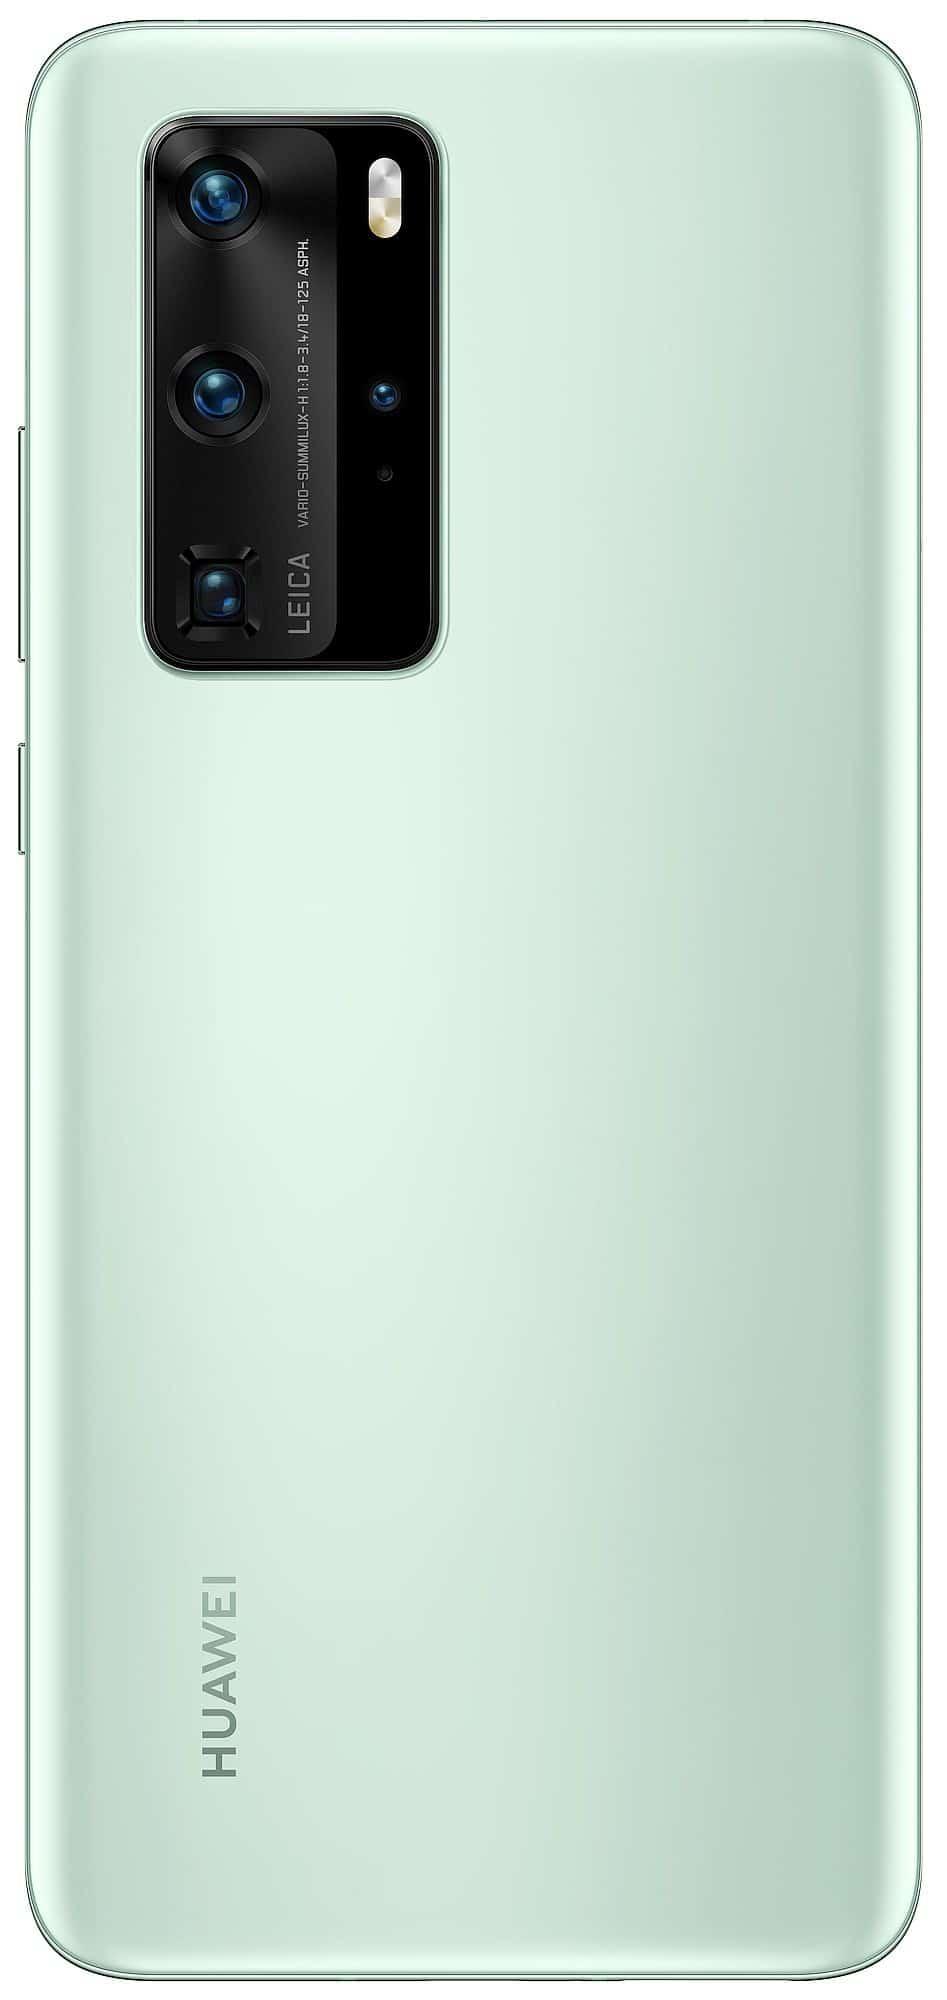 Huawei P40 Pro Mint Green render leak 1